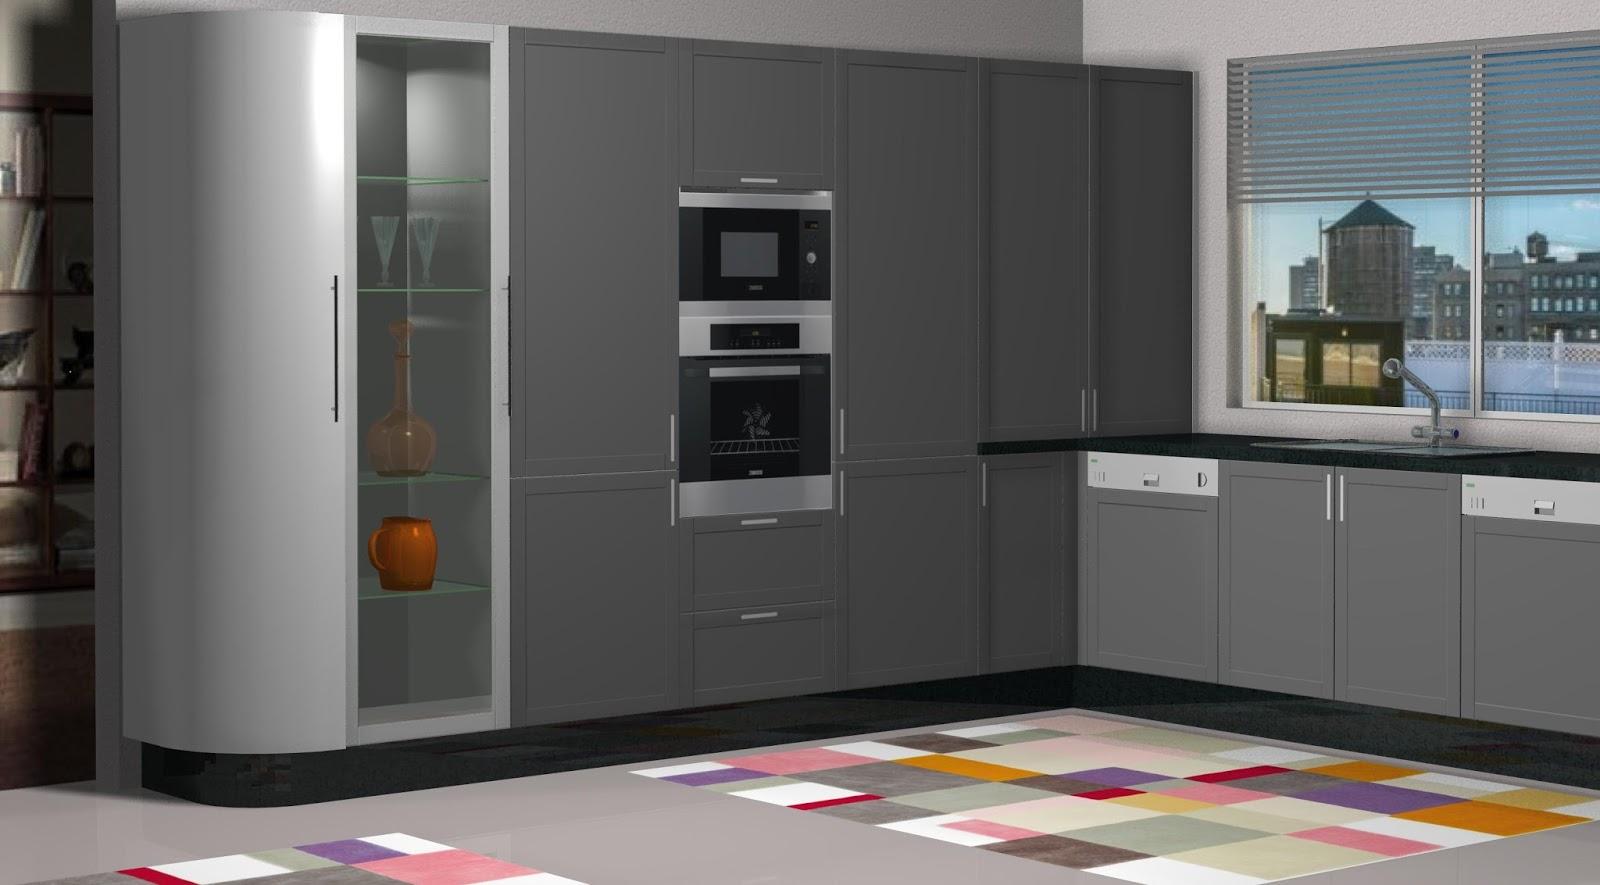 Dise o muebles de cocina dise o de cocina lacada en for Muebles de cocina gris